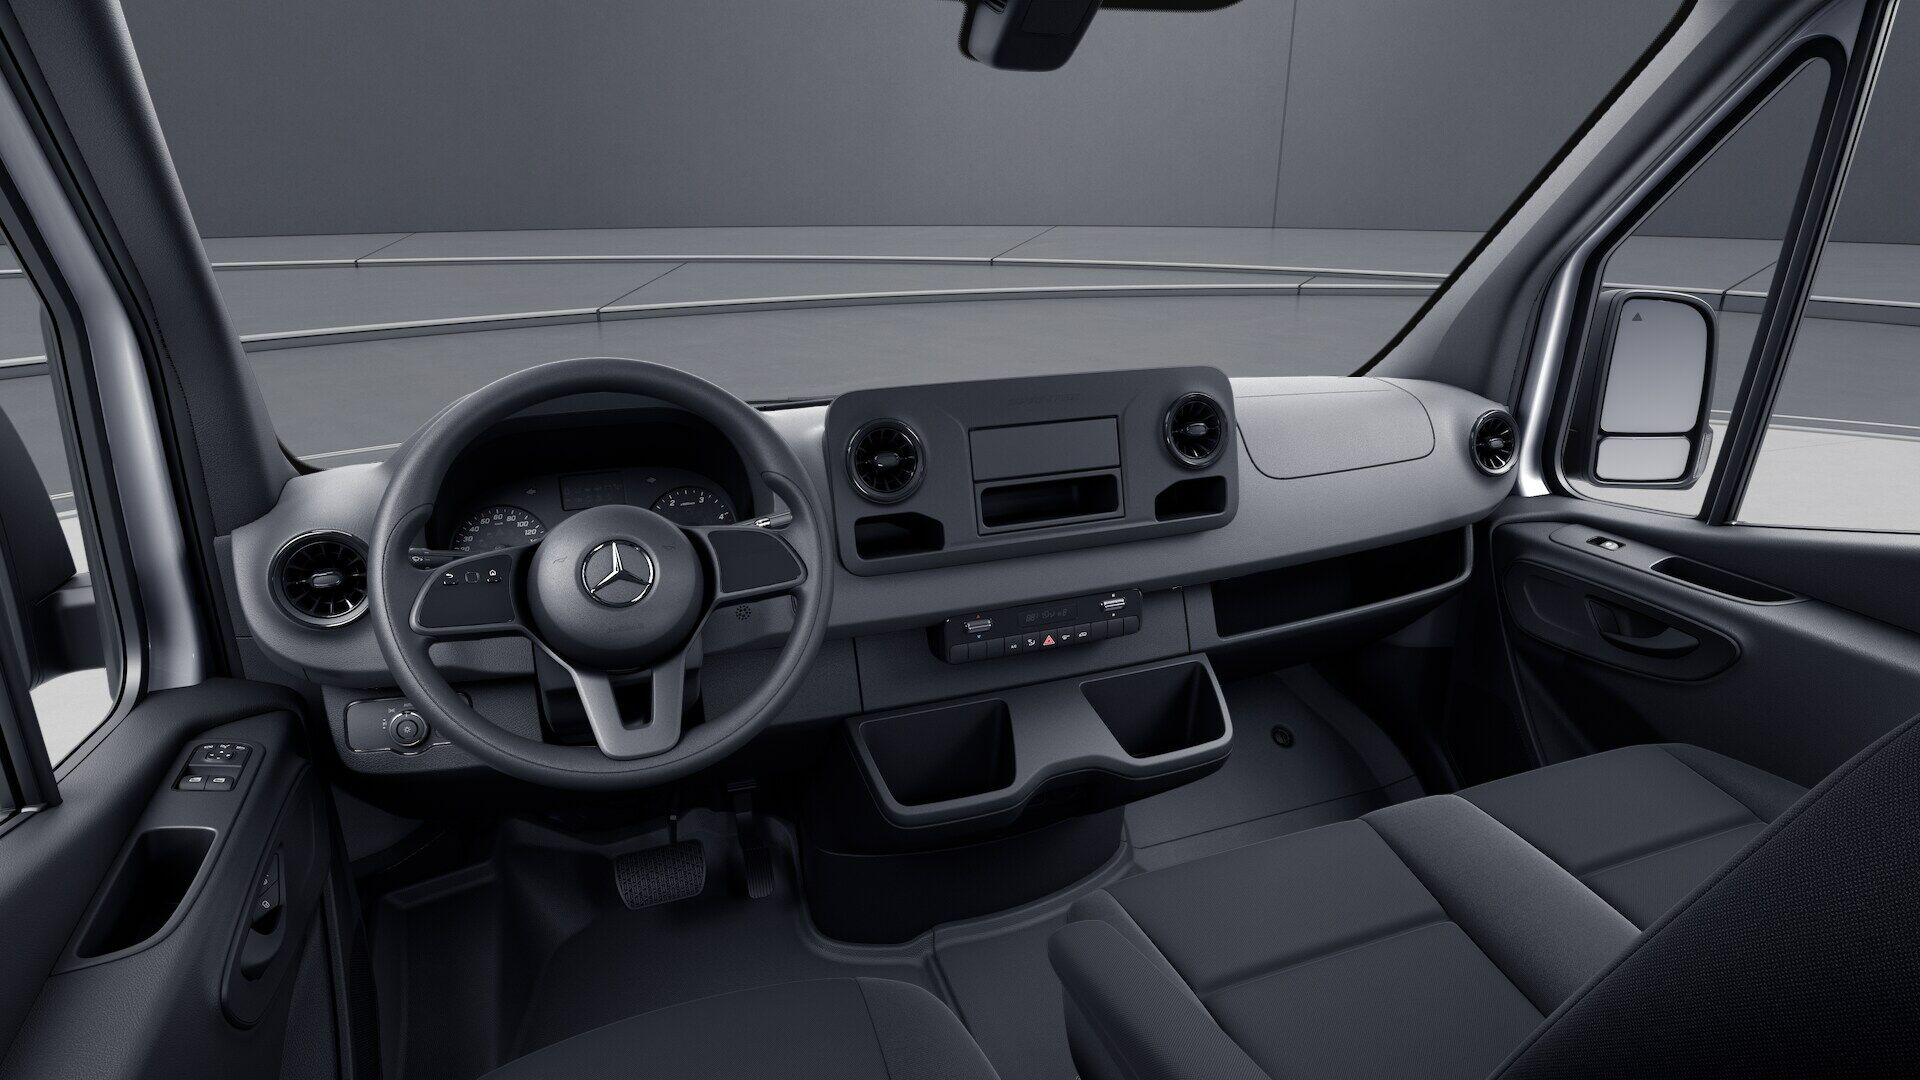 Mercedes Sprinter Fourgon 314 CDI (A2) RWD 03849 4/4